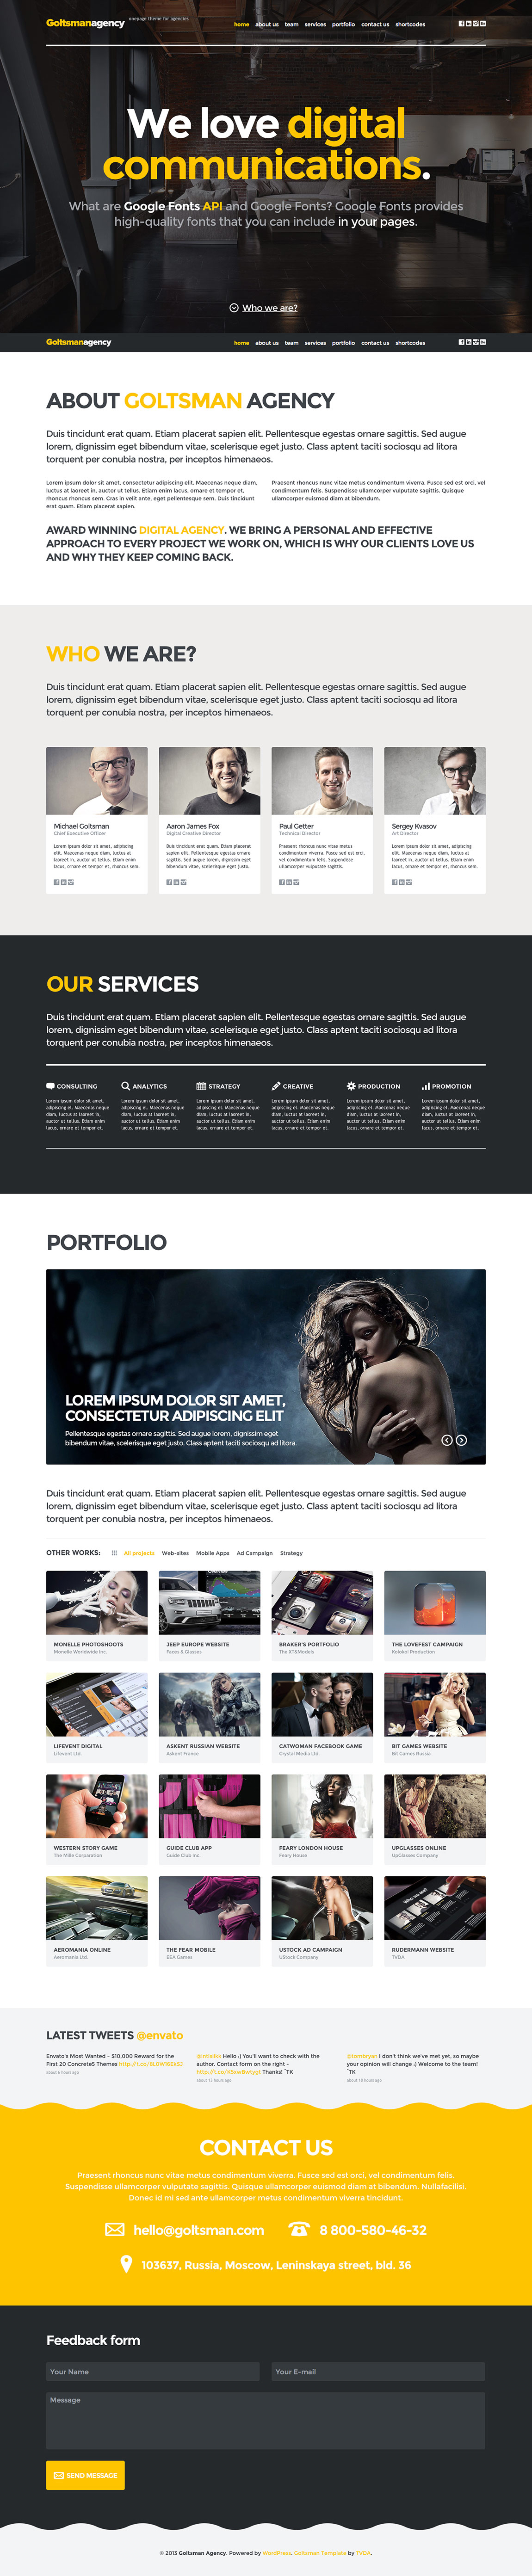 Goltsman Agency Website Screenshot